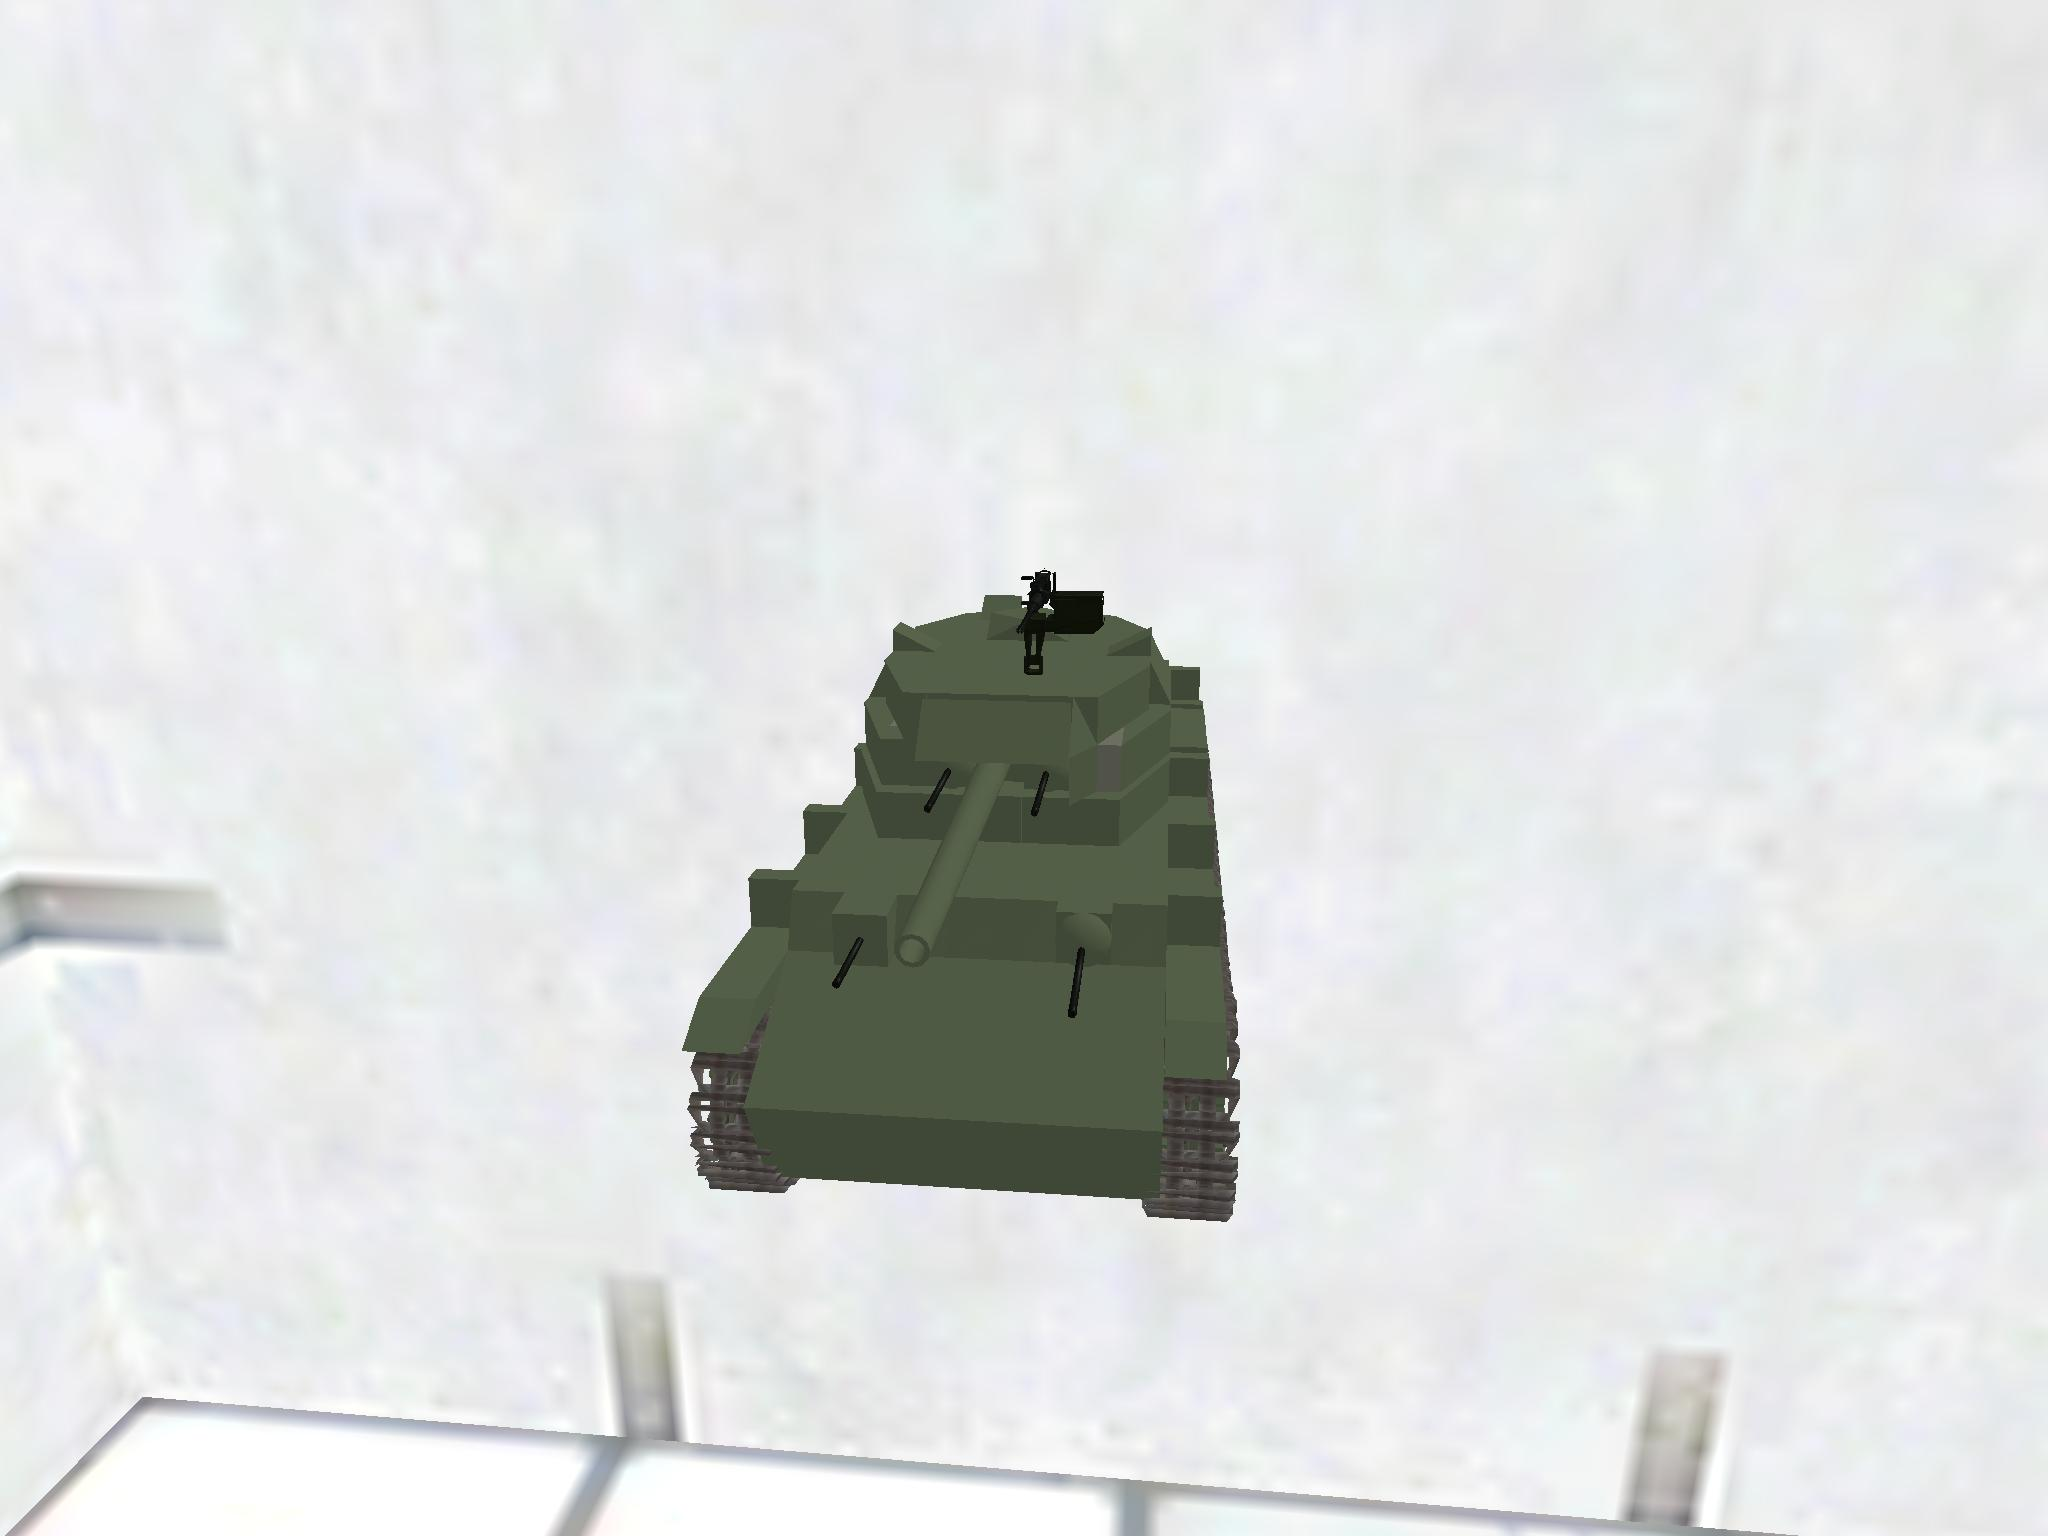 KV-1 改造版